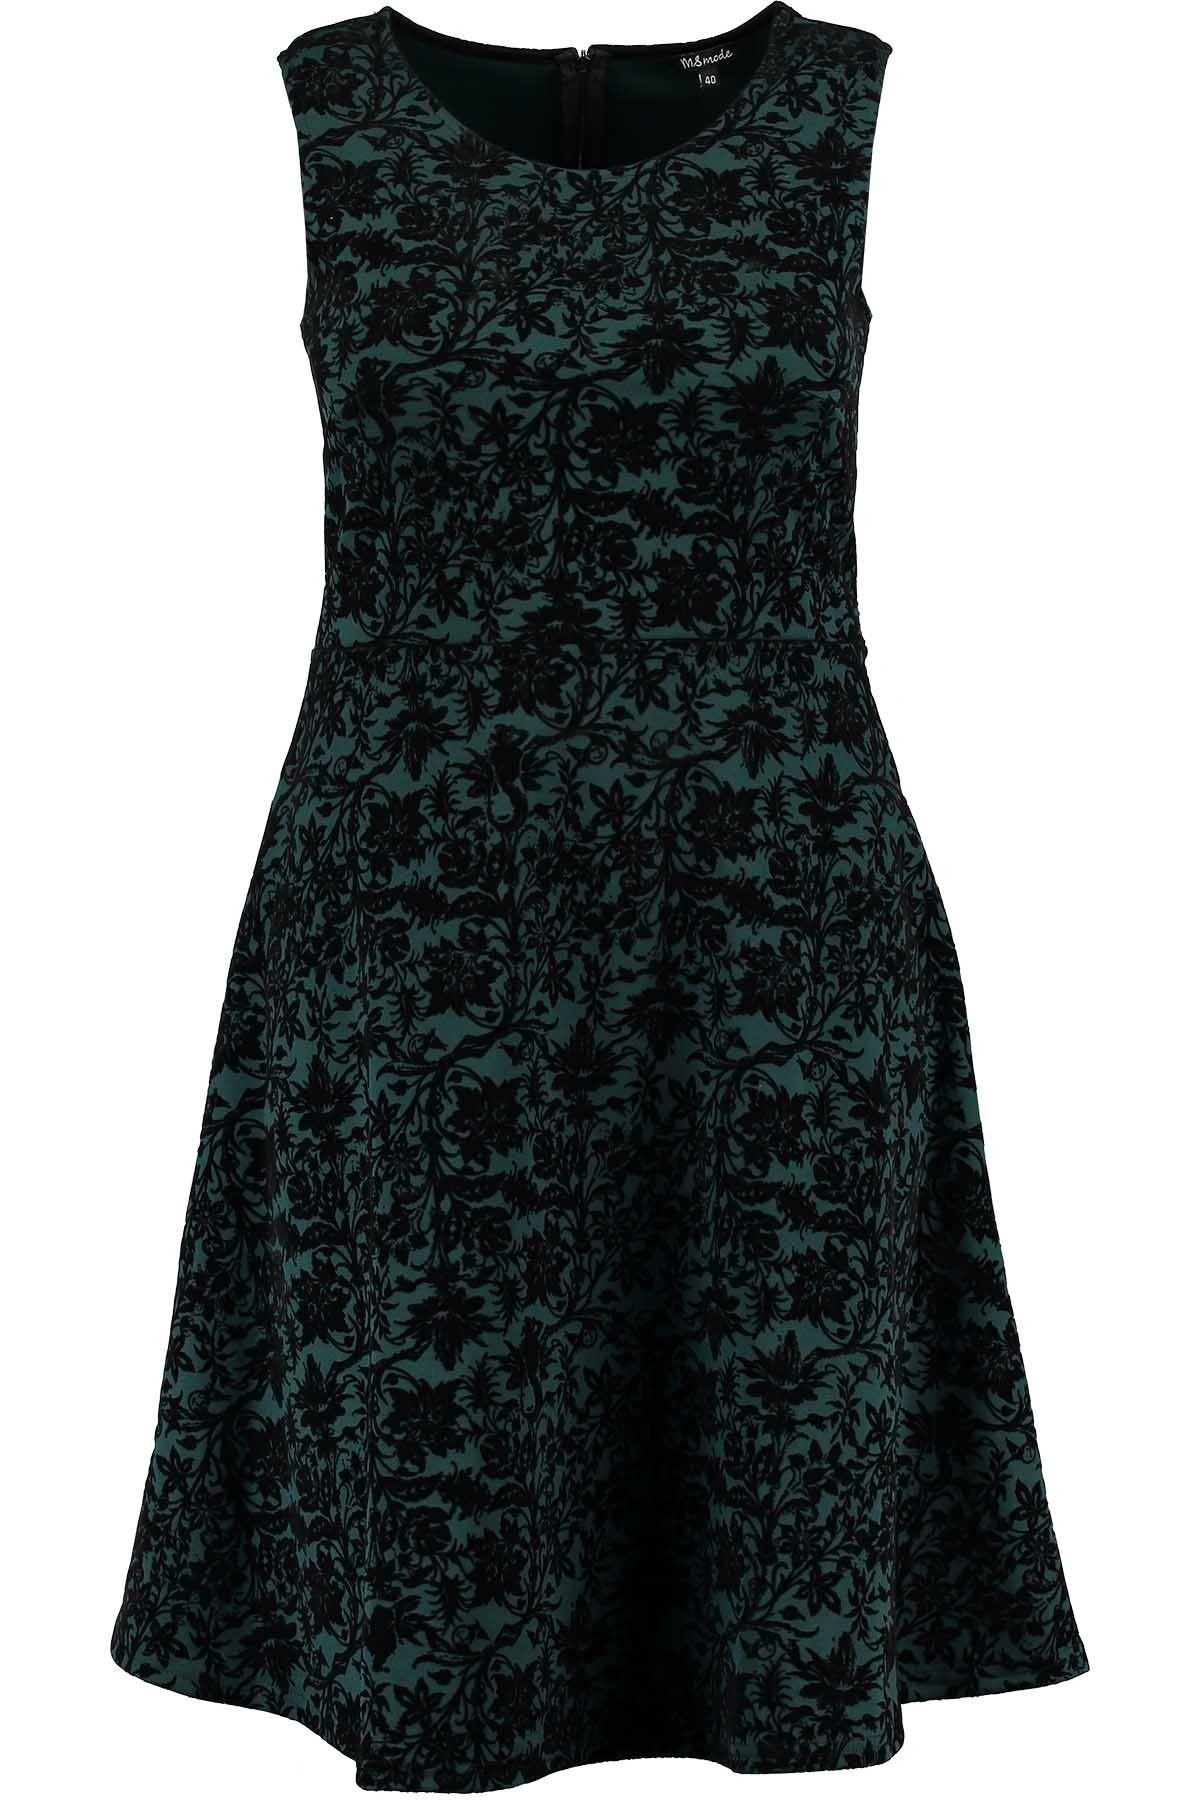 Deze mouwloze jurk heeft een fluwelen print en ronde hals. De jurk valt van boven aansluitend om het lichaam en vanaf de taille loopt de jurk iets uit. Lengte: 98 cm in alle matenPasvorm: aansluitend Wasvoorschrift: machine wasbaar